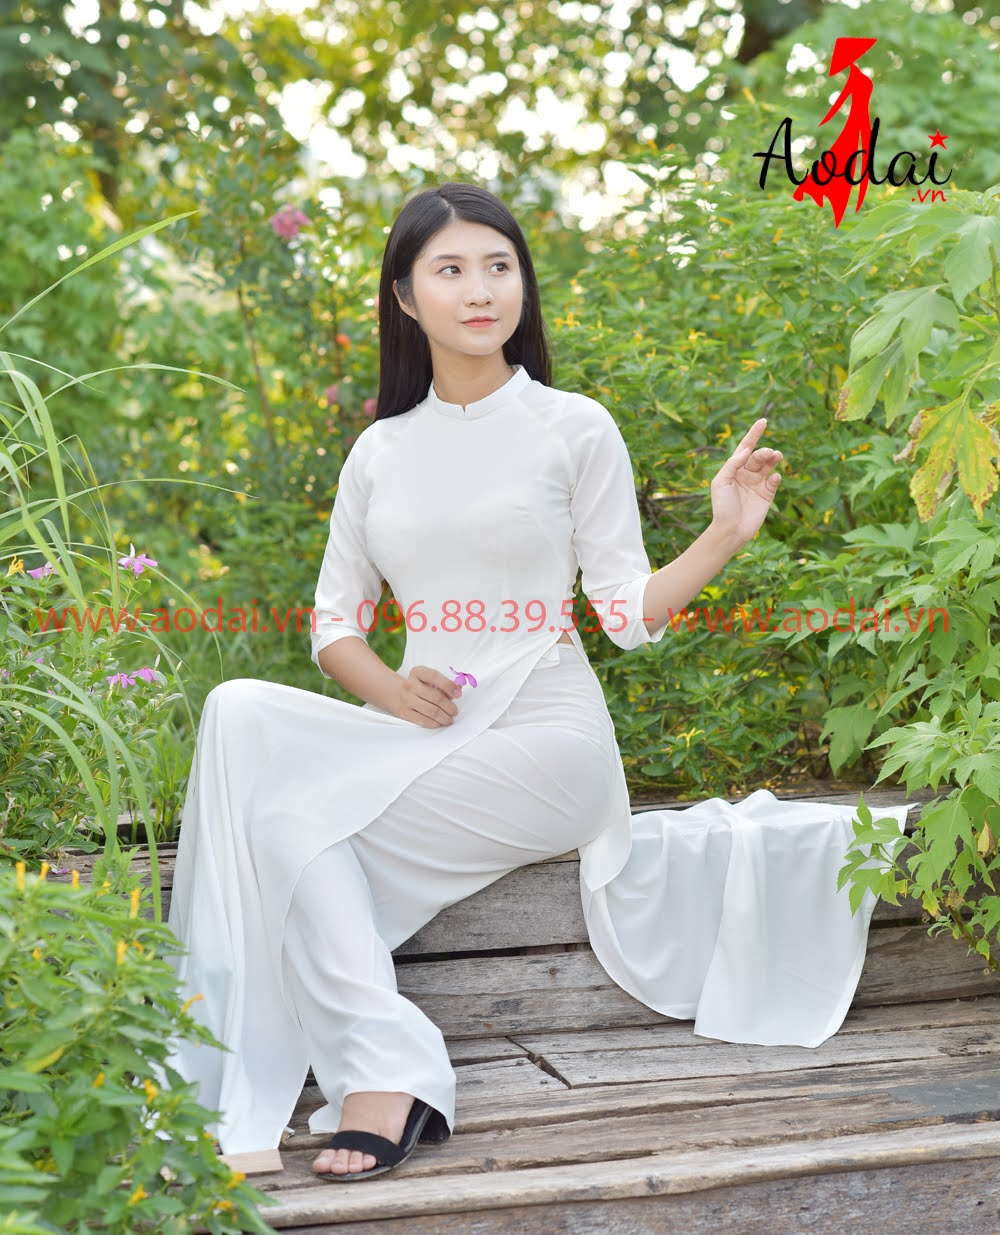 May áo dài tại Bạc Liêu